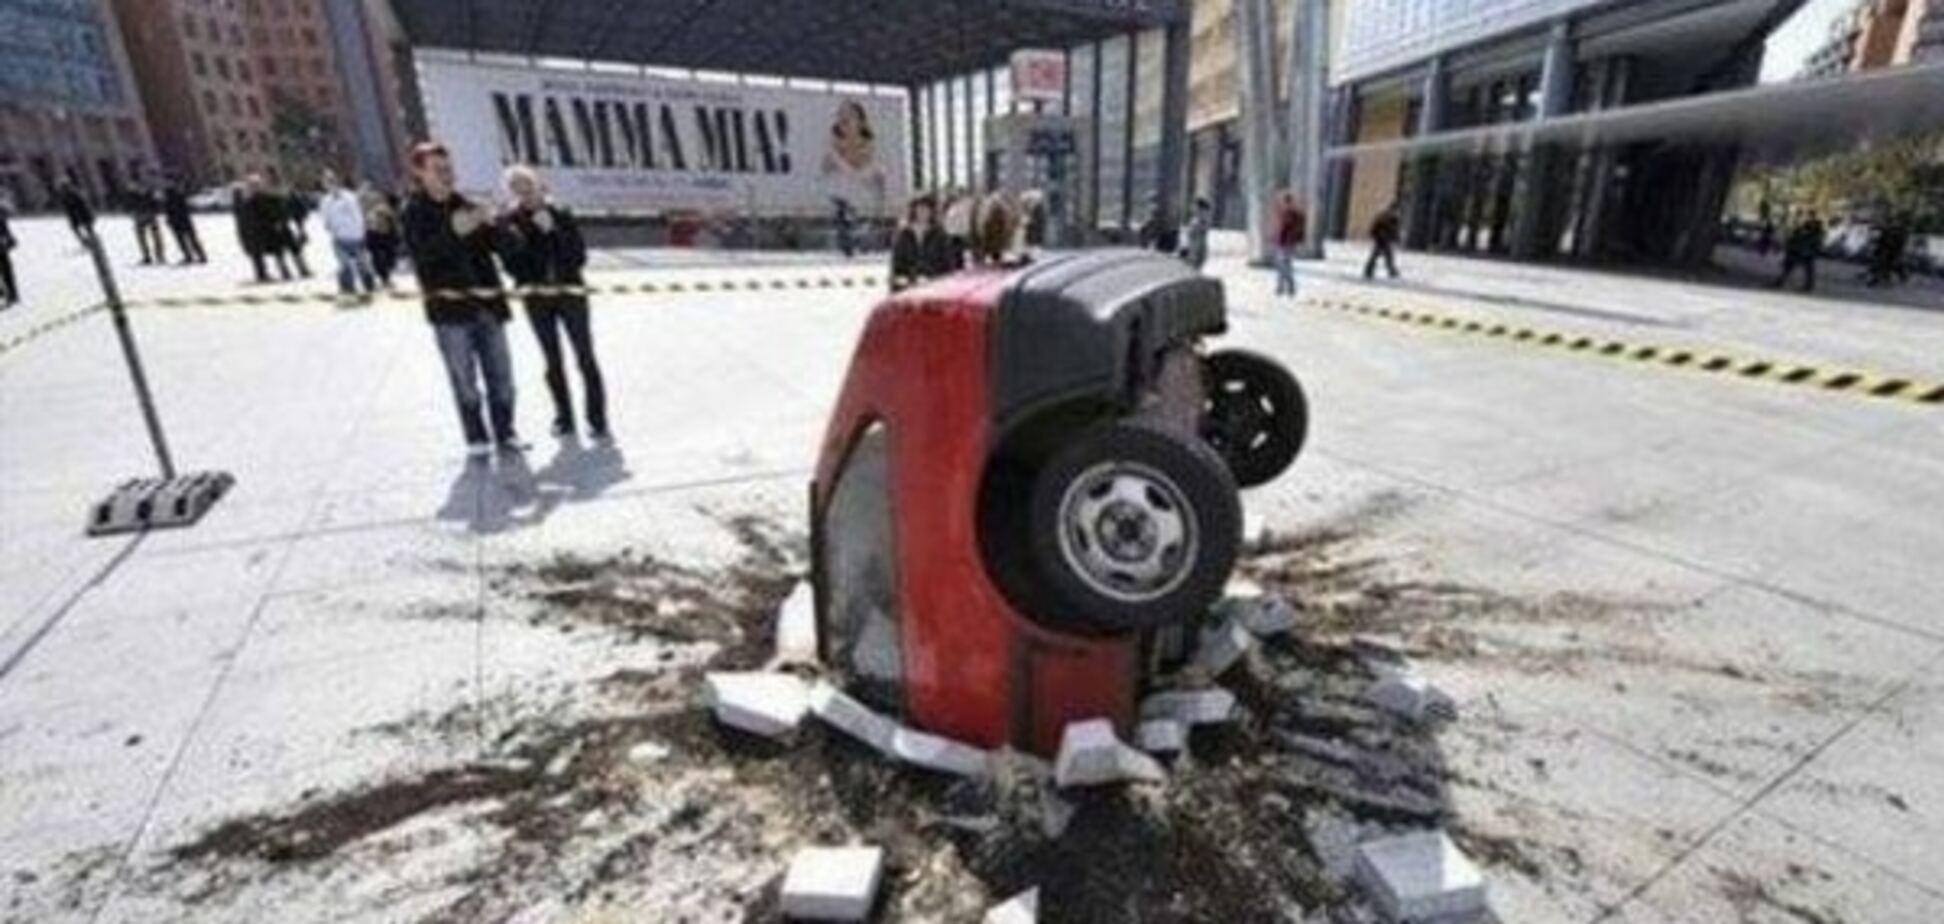 Опубліковано Топ-25 найбезглуздіших аварій у світі